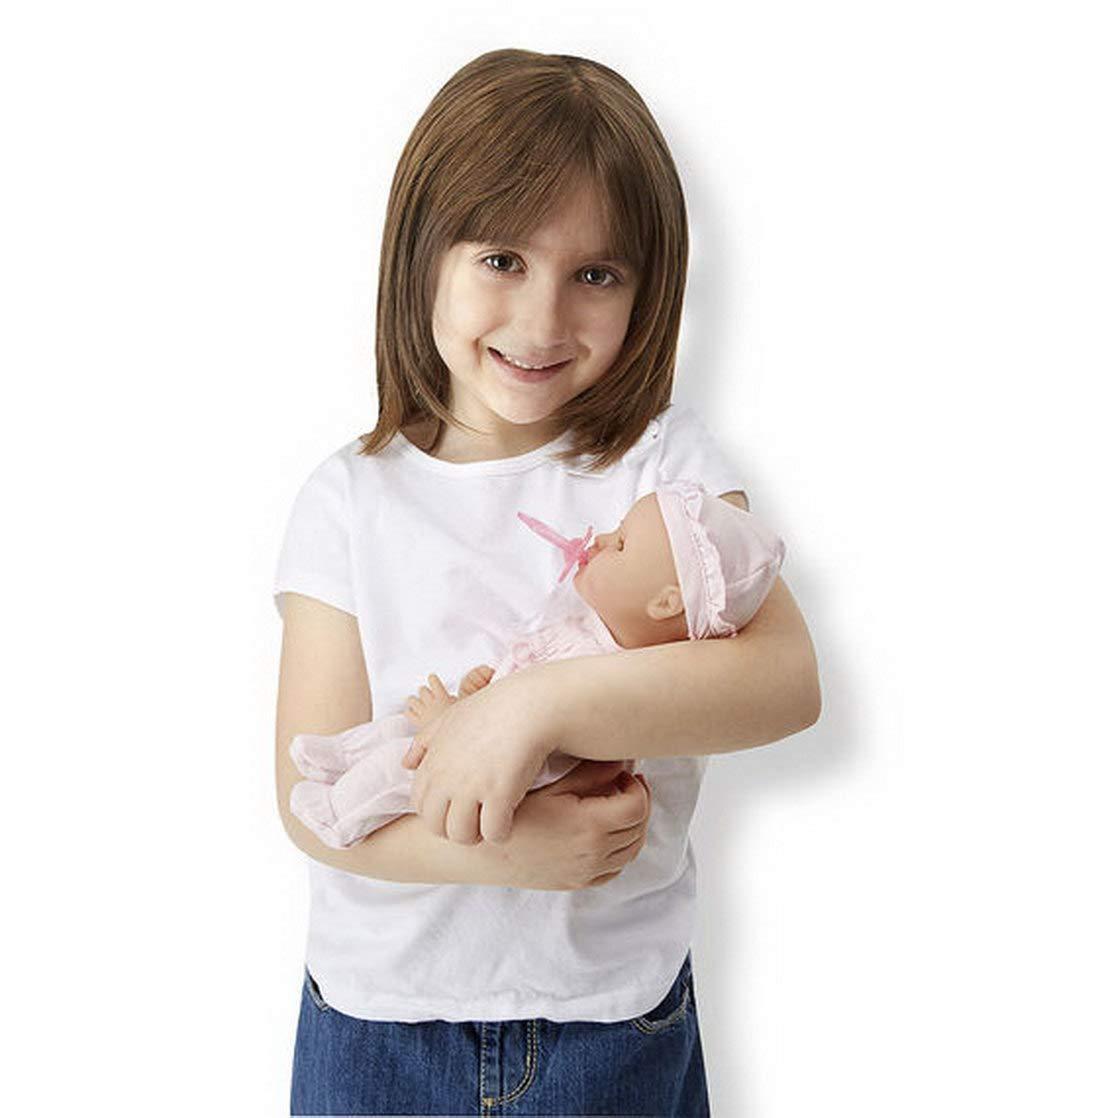 Amazon.es: Woodega - Mi Amor Jenna, First de Born Doll, recién Nacido muñeca, Aprox. 30 cm Grande, Incl. Chupete, Campana y Pelele, Color Rosa: Juguetes y ...